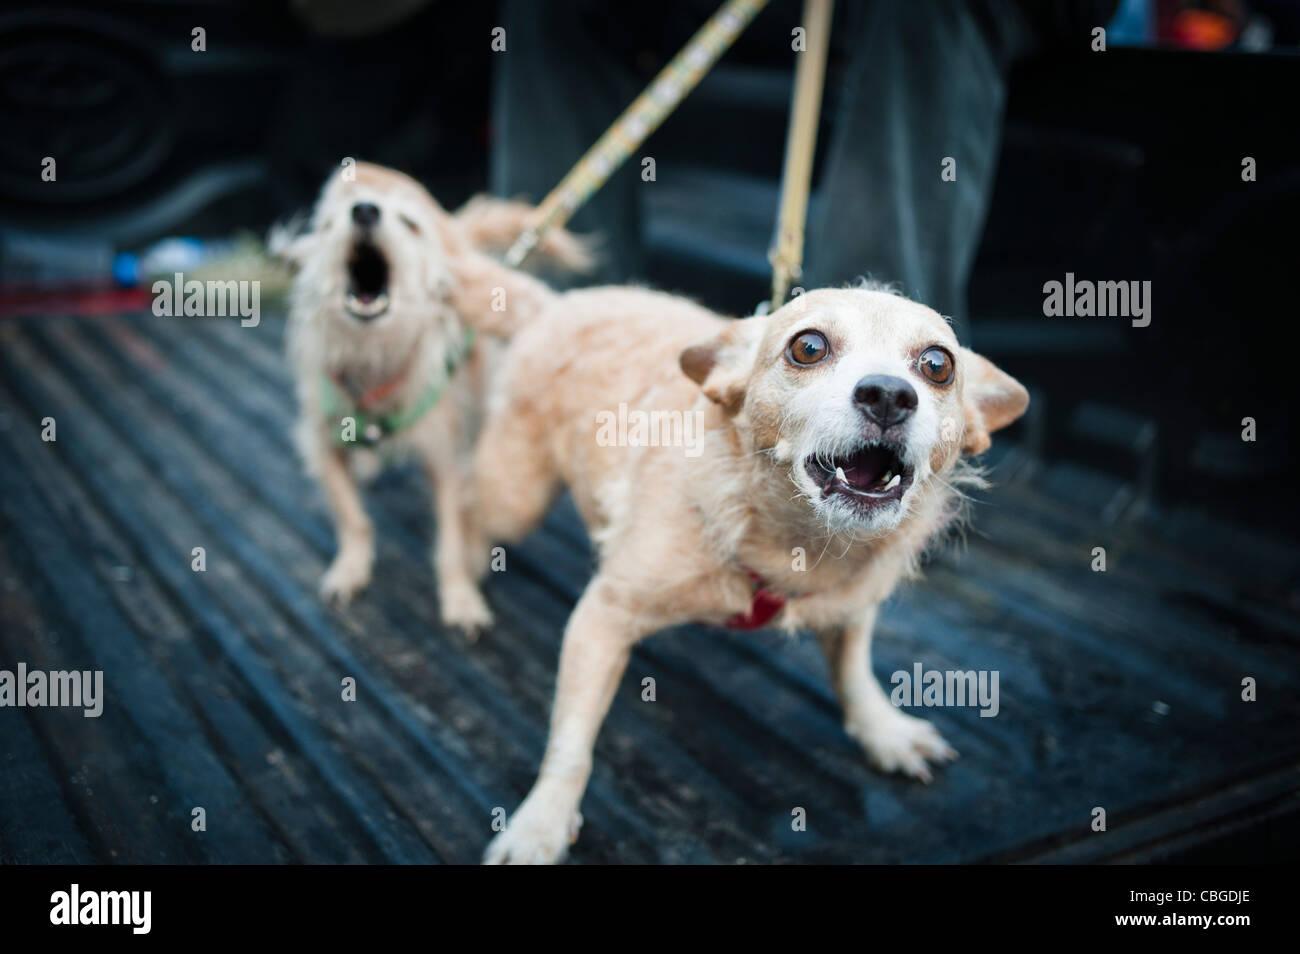 Feroci cani al guinzaglio a Bangkok, in Thailandia. Foto Stock